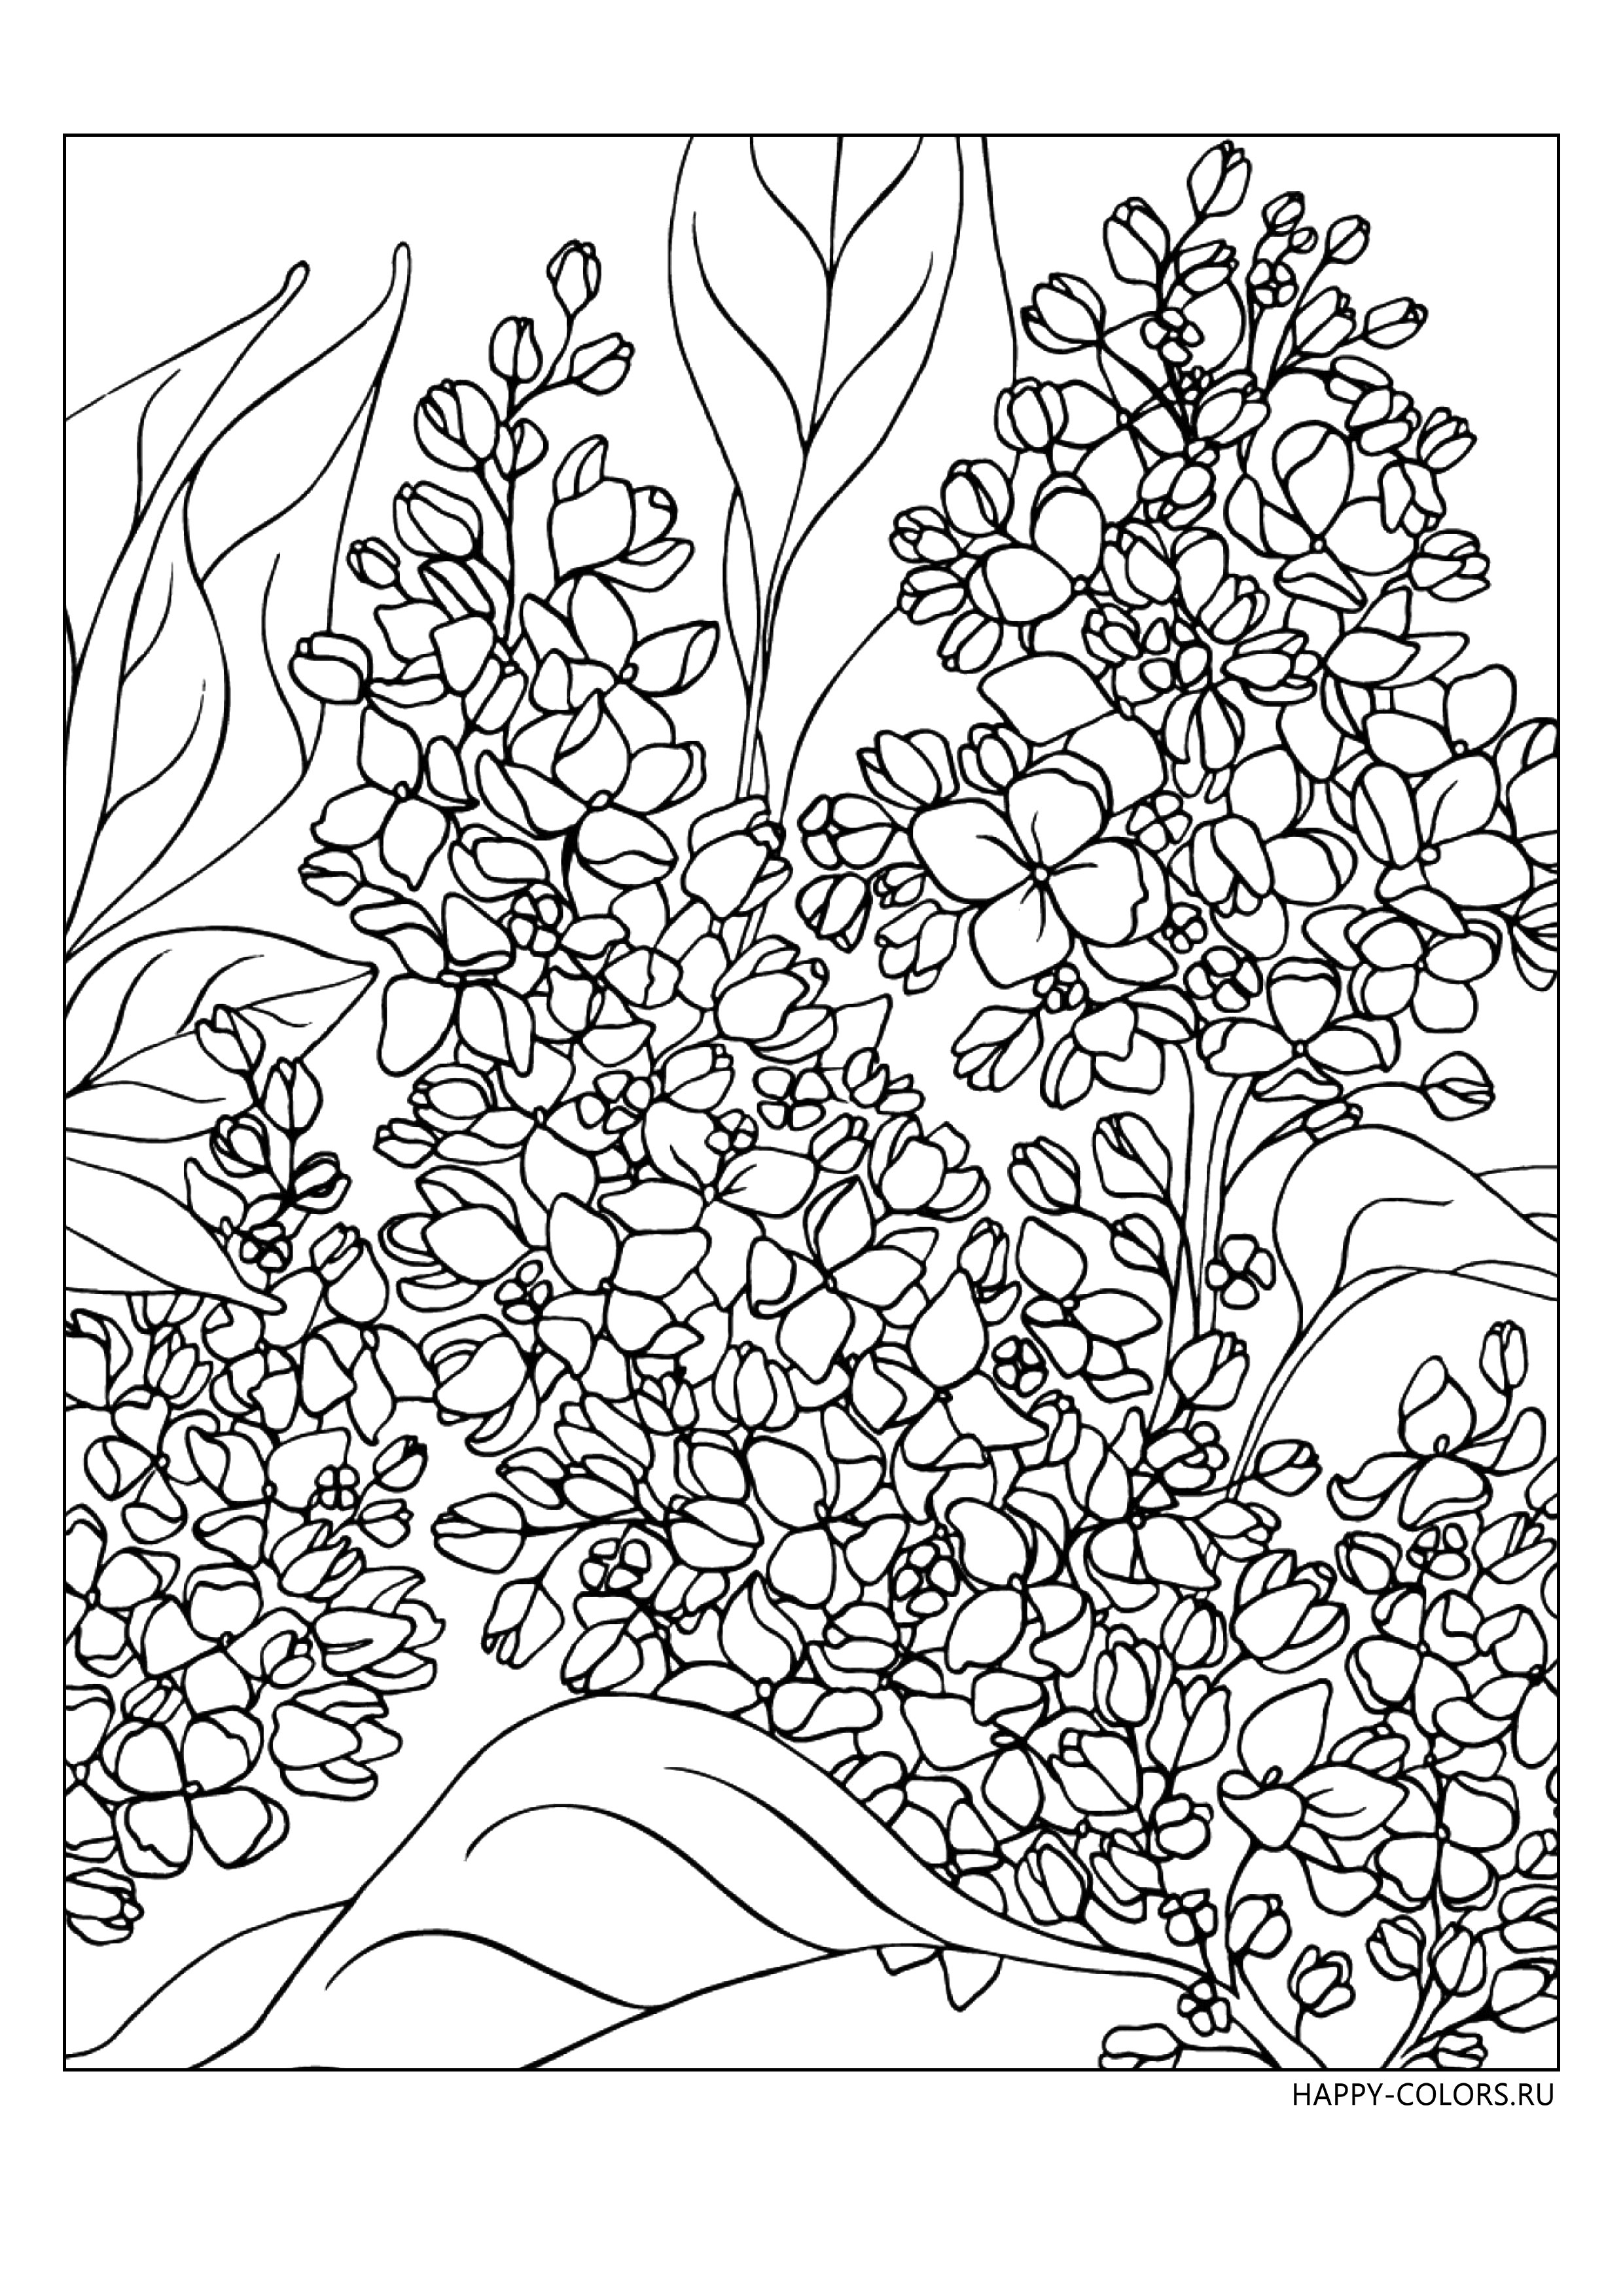 Раскраски Цветы Антистресс - распечатать бесплатно в ...